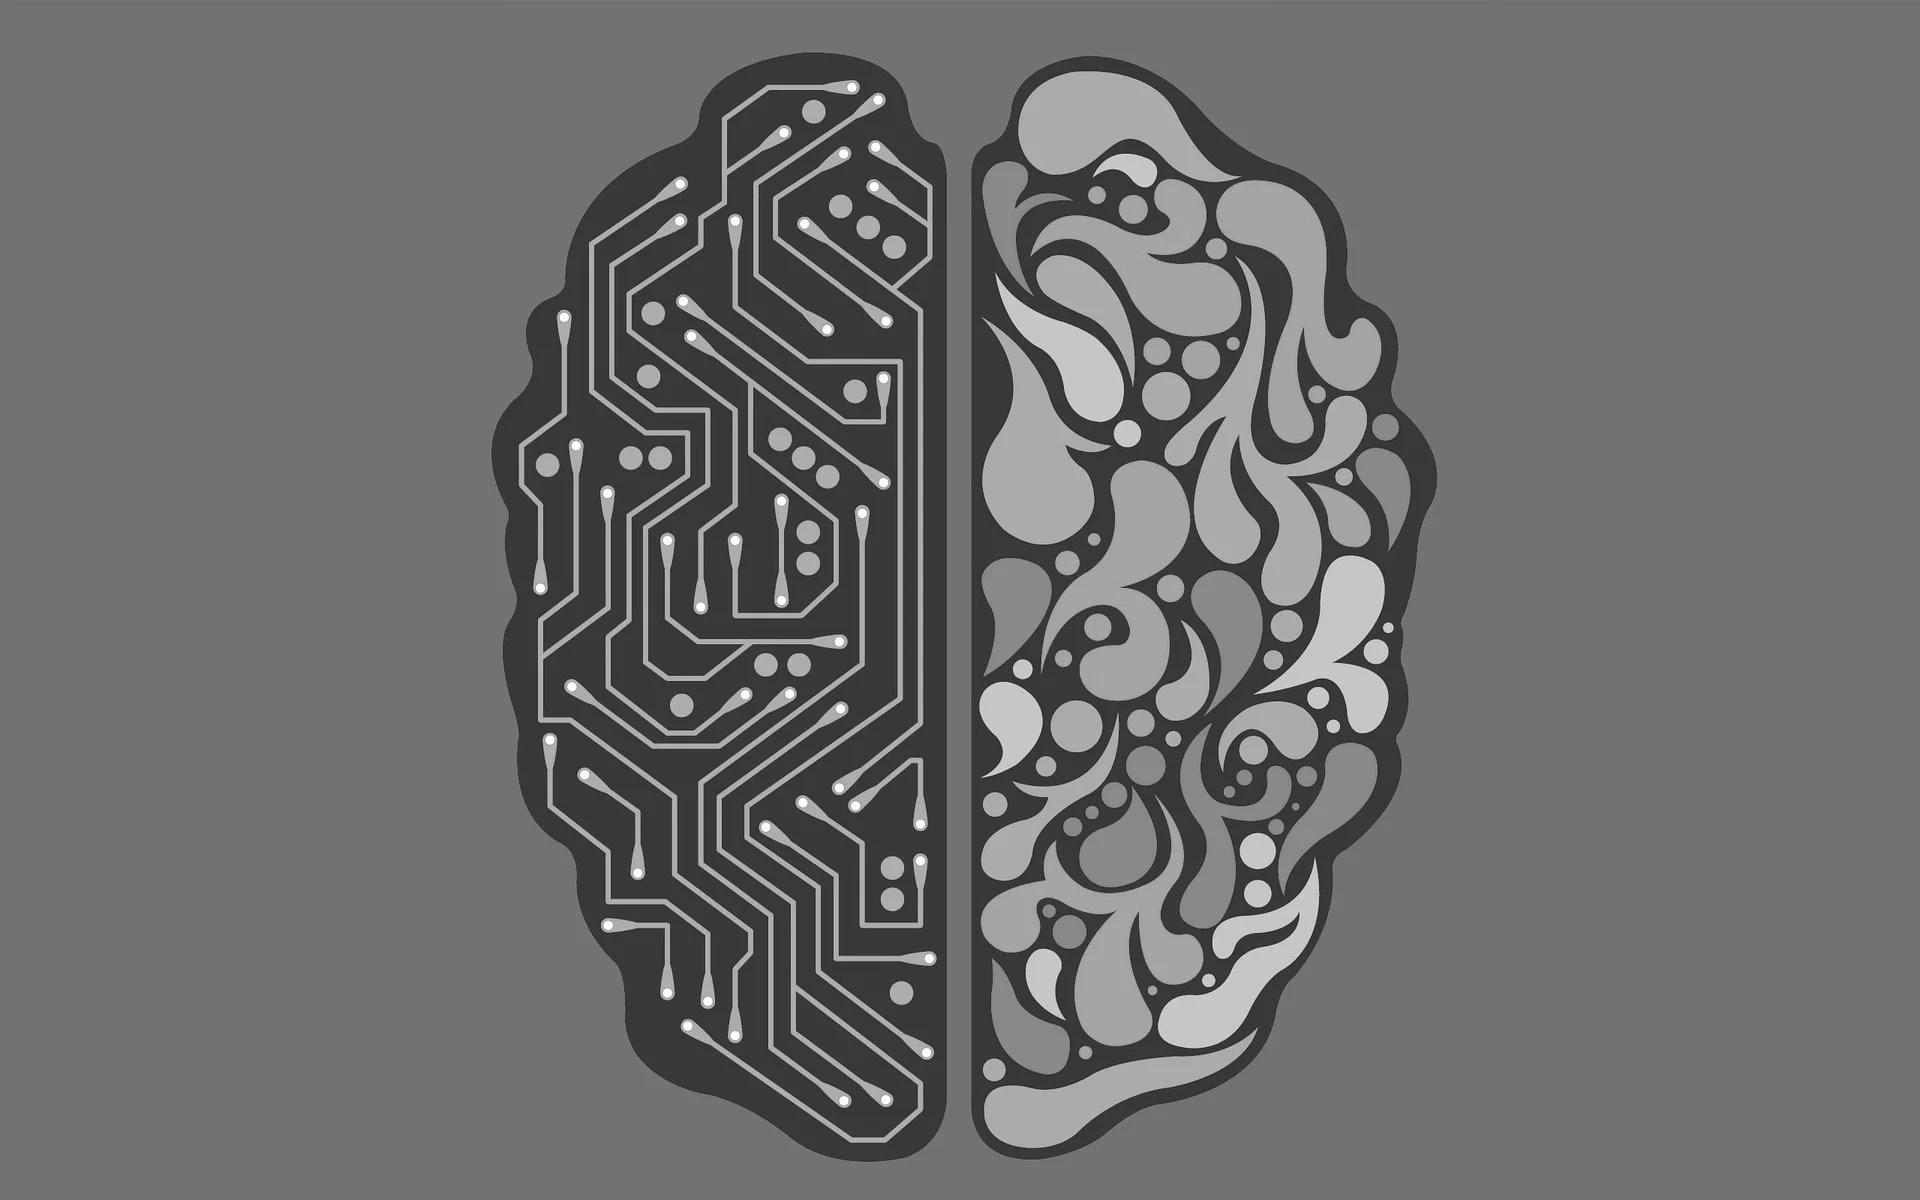 Учёные из США разработали систему автоматизированной разработки и получения квантовых точек